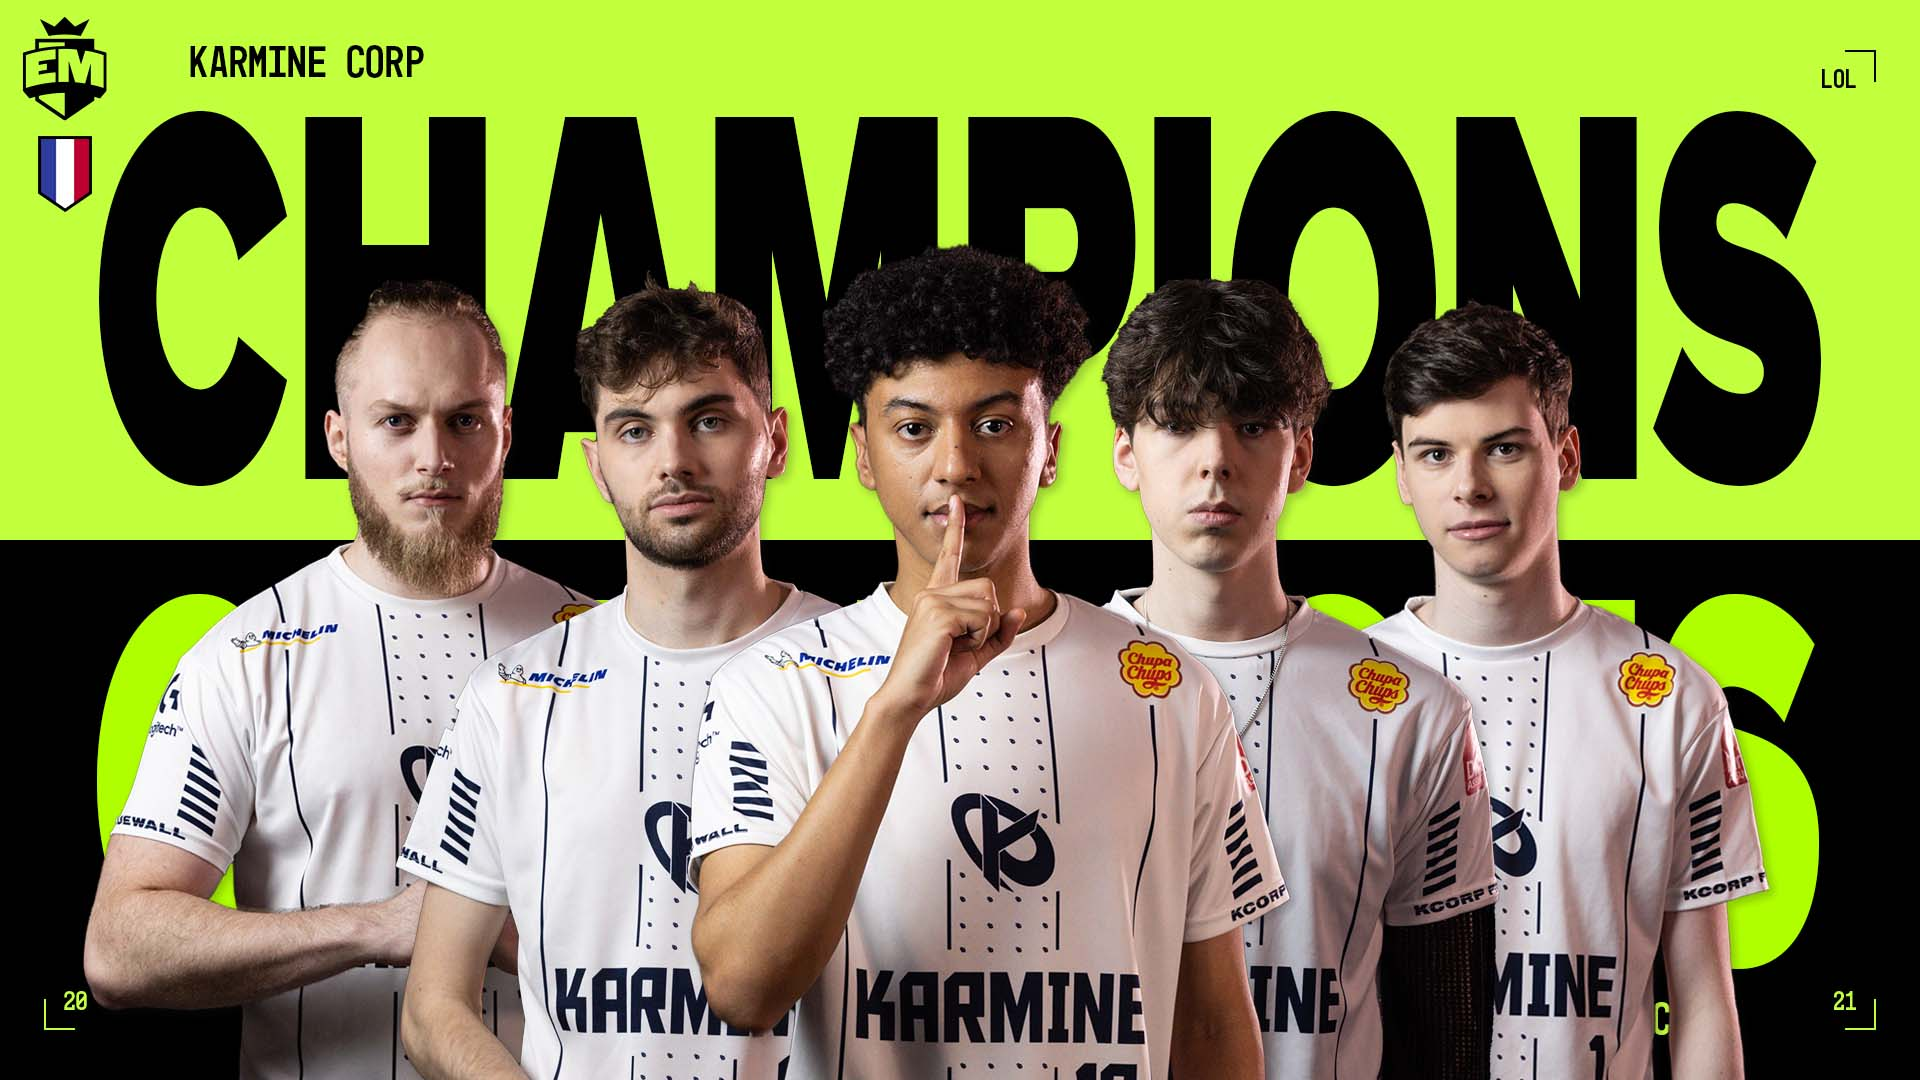 Karmine Corp obroniło tytuł. Cinkrof i spółka mistrzami EU Masters